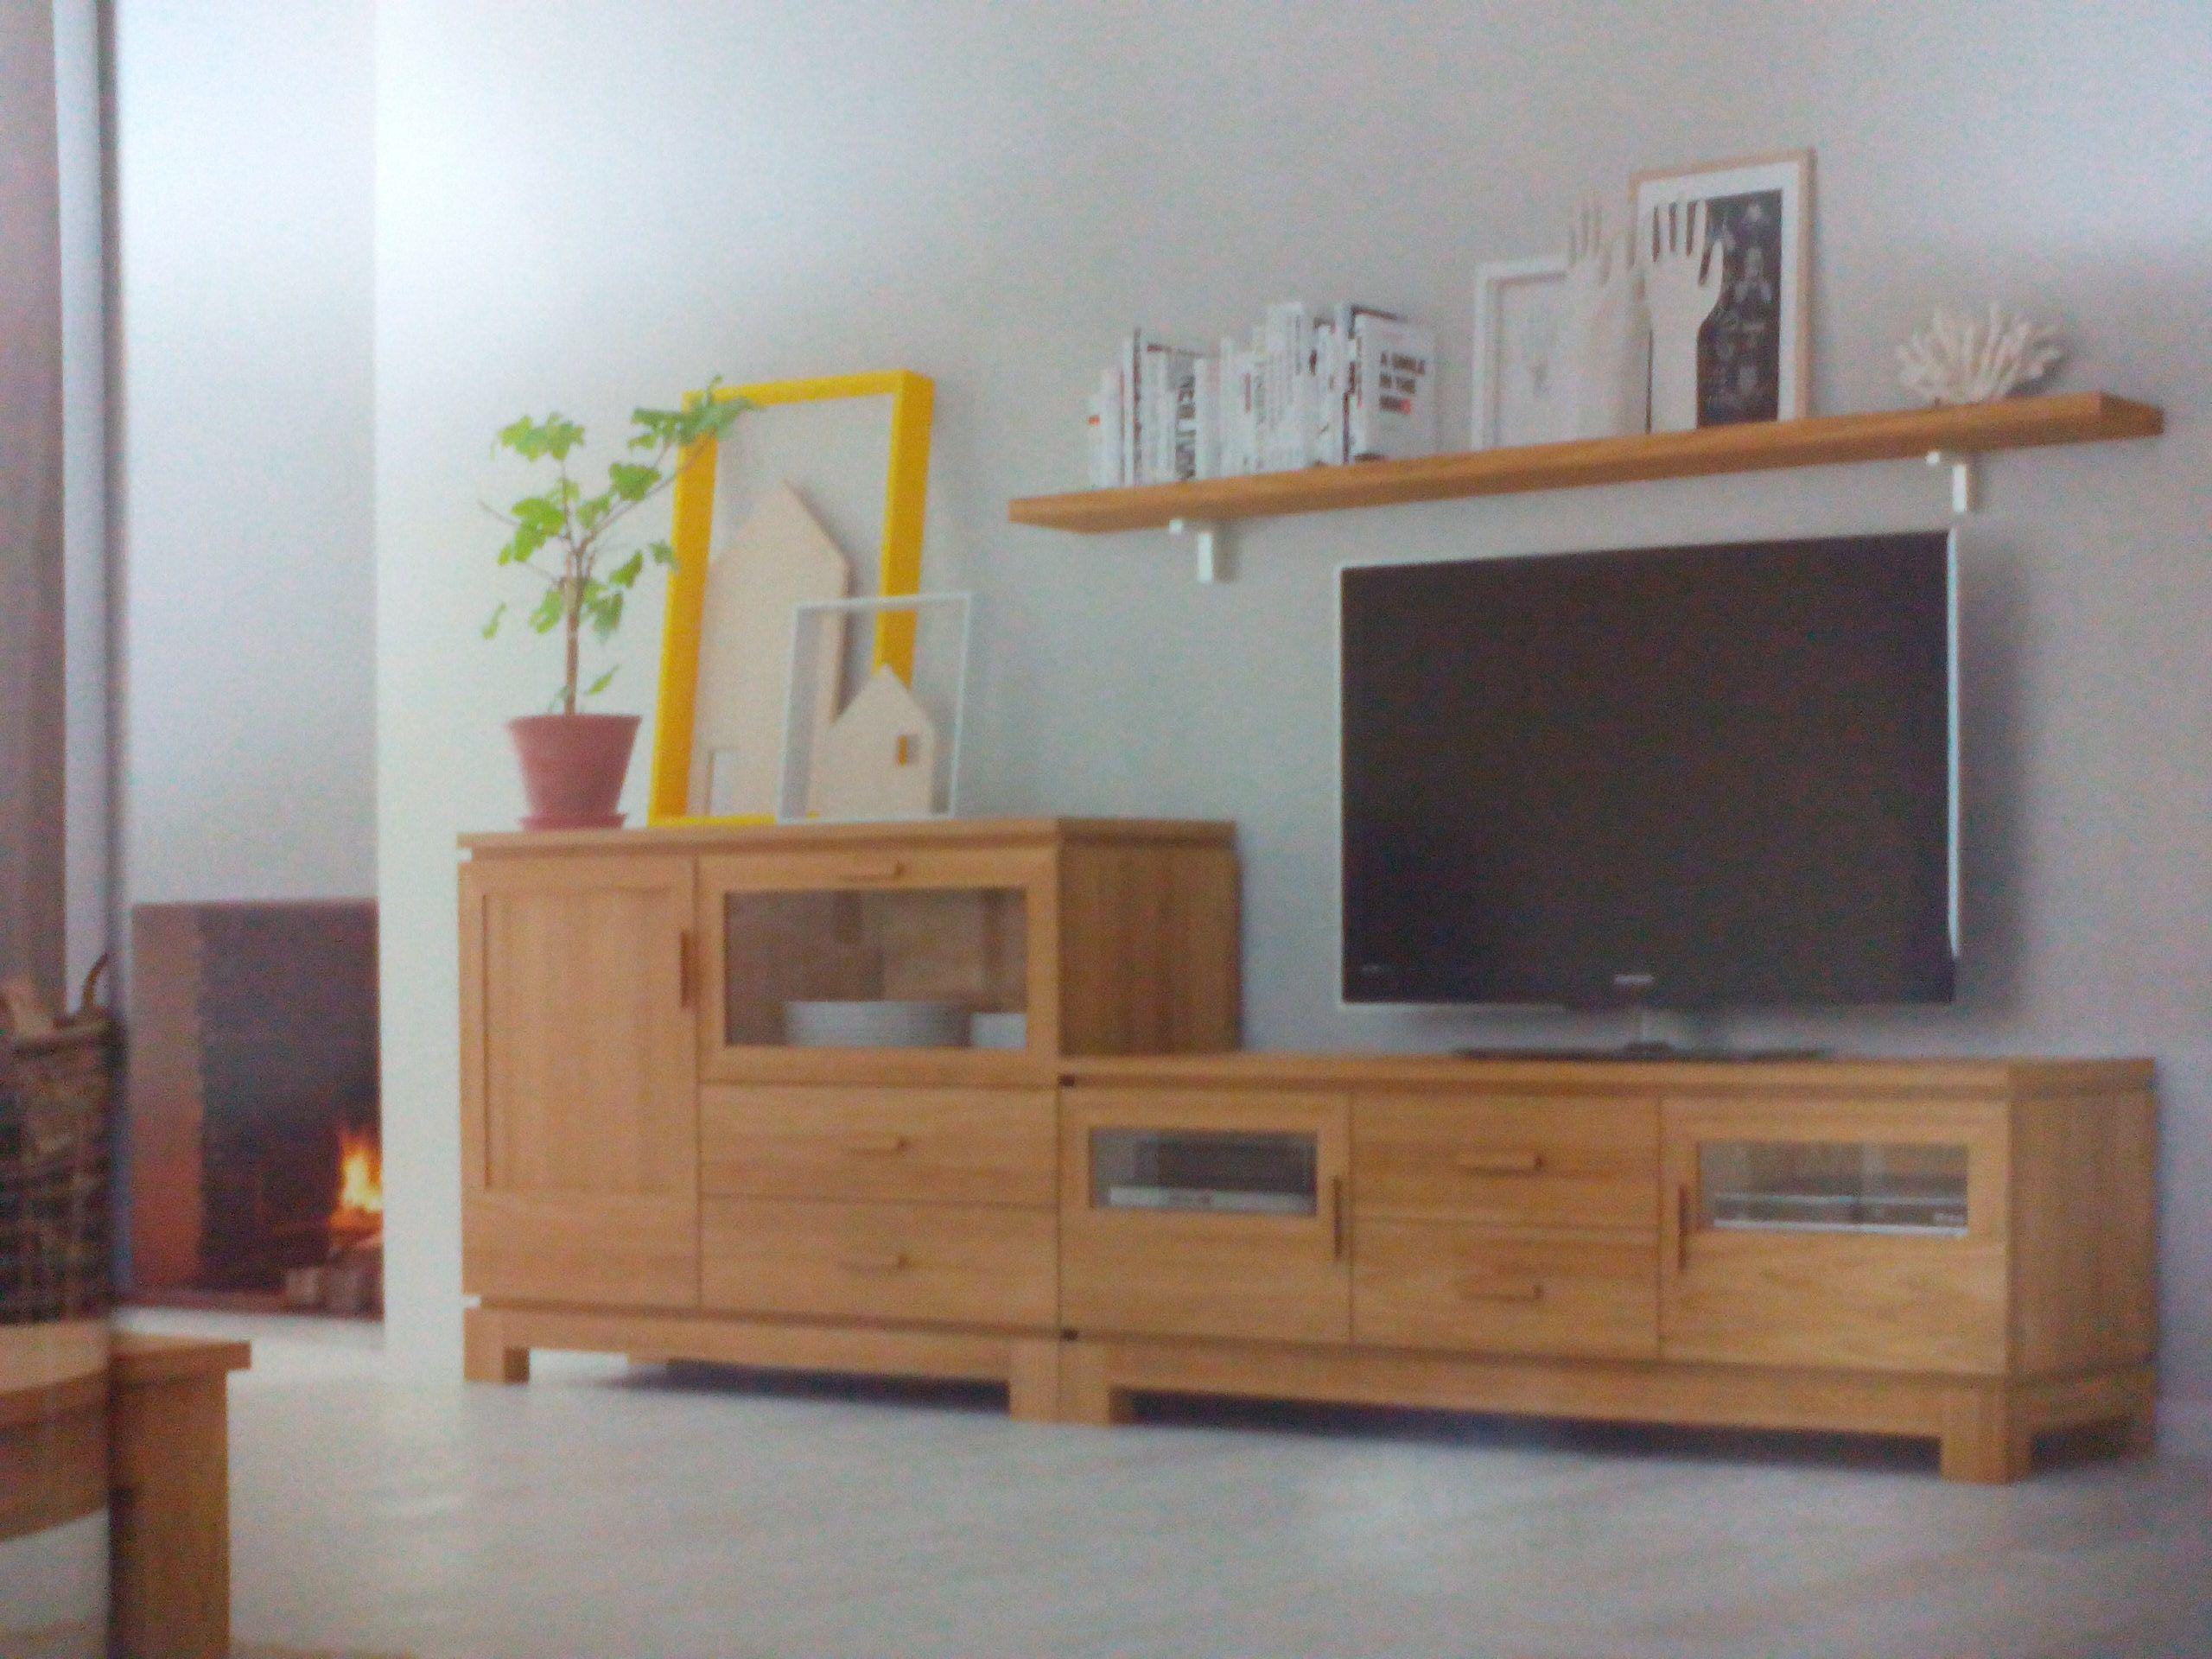 Foto 5 de Muebles en León   Muebles Carro